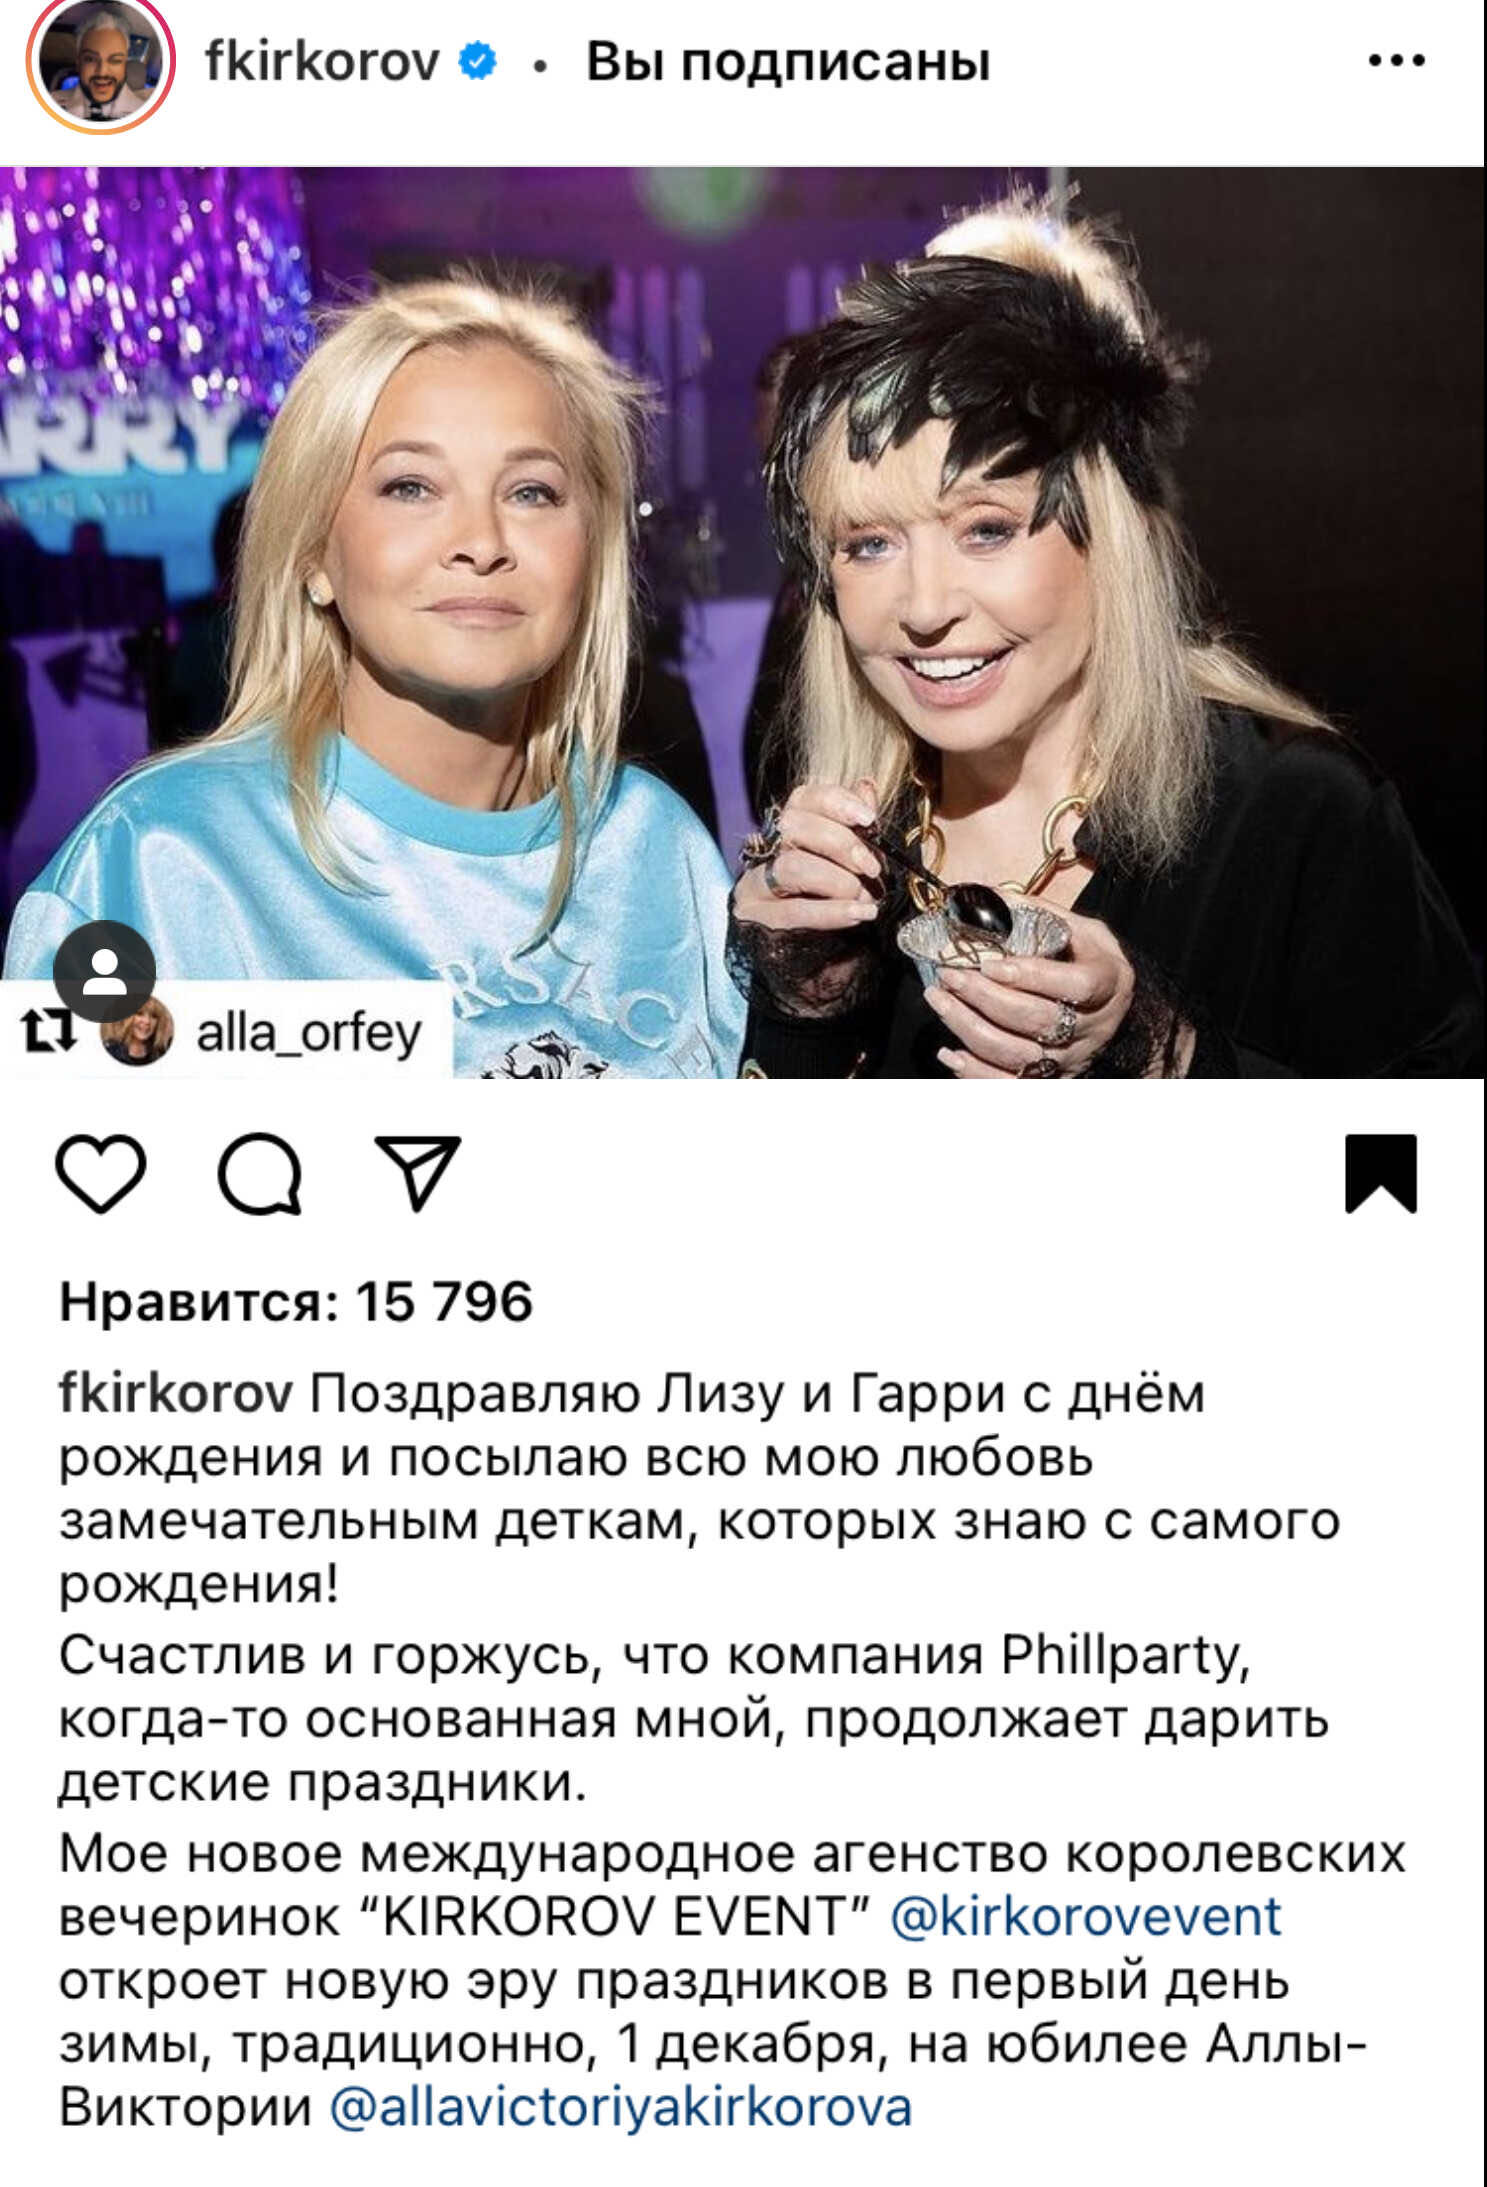 Узнав о том, что Филипп Киркоров больше не владеет агенством праздников, Алла Пугачева туда обратилась и задела самолюбие экс-мужа